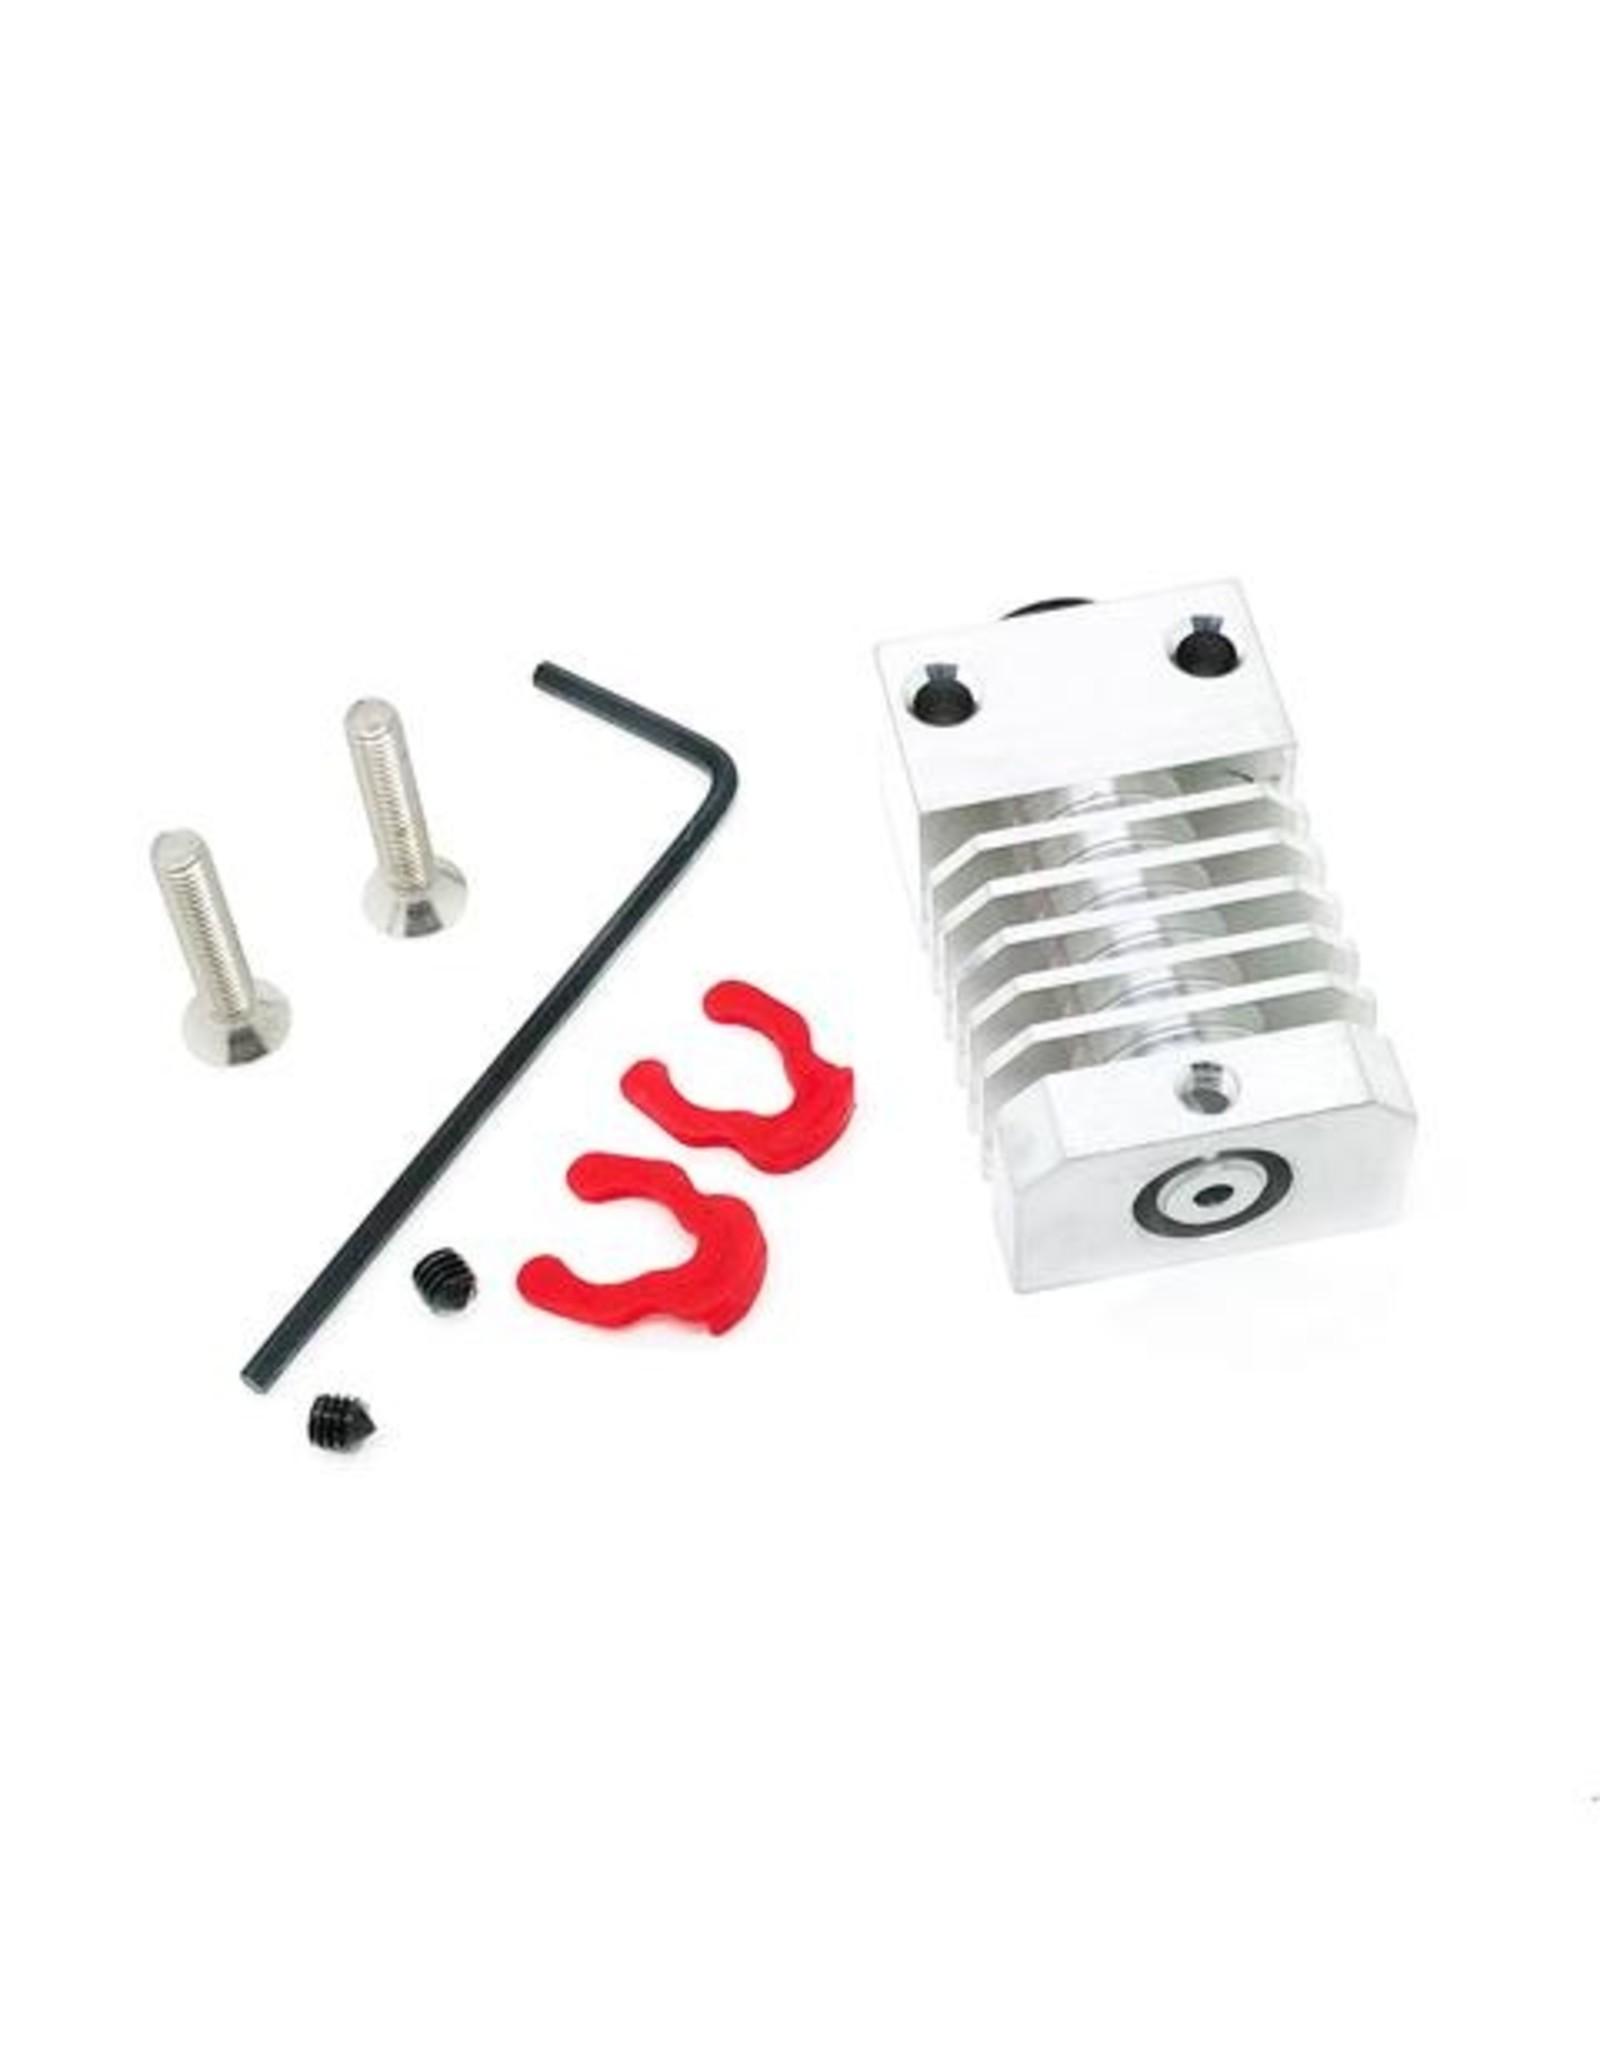 Micro Swiss Vervangend koelblok voor Micro Swiss All Metal Hotend-set voor CR-10s Pro-printer